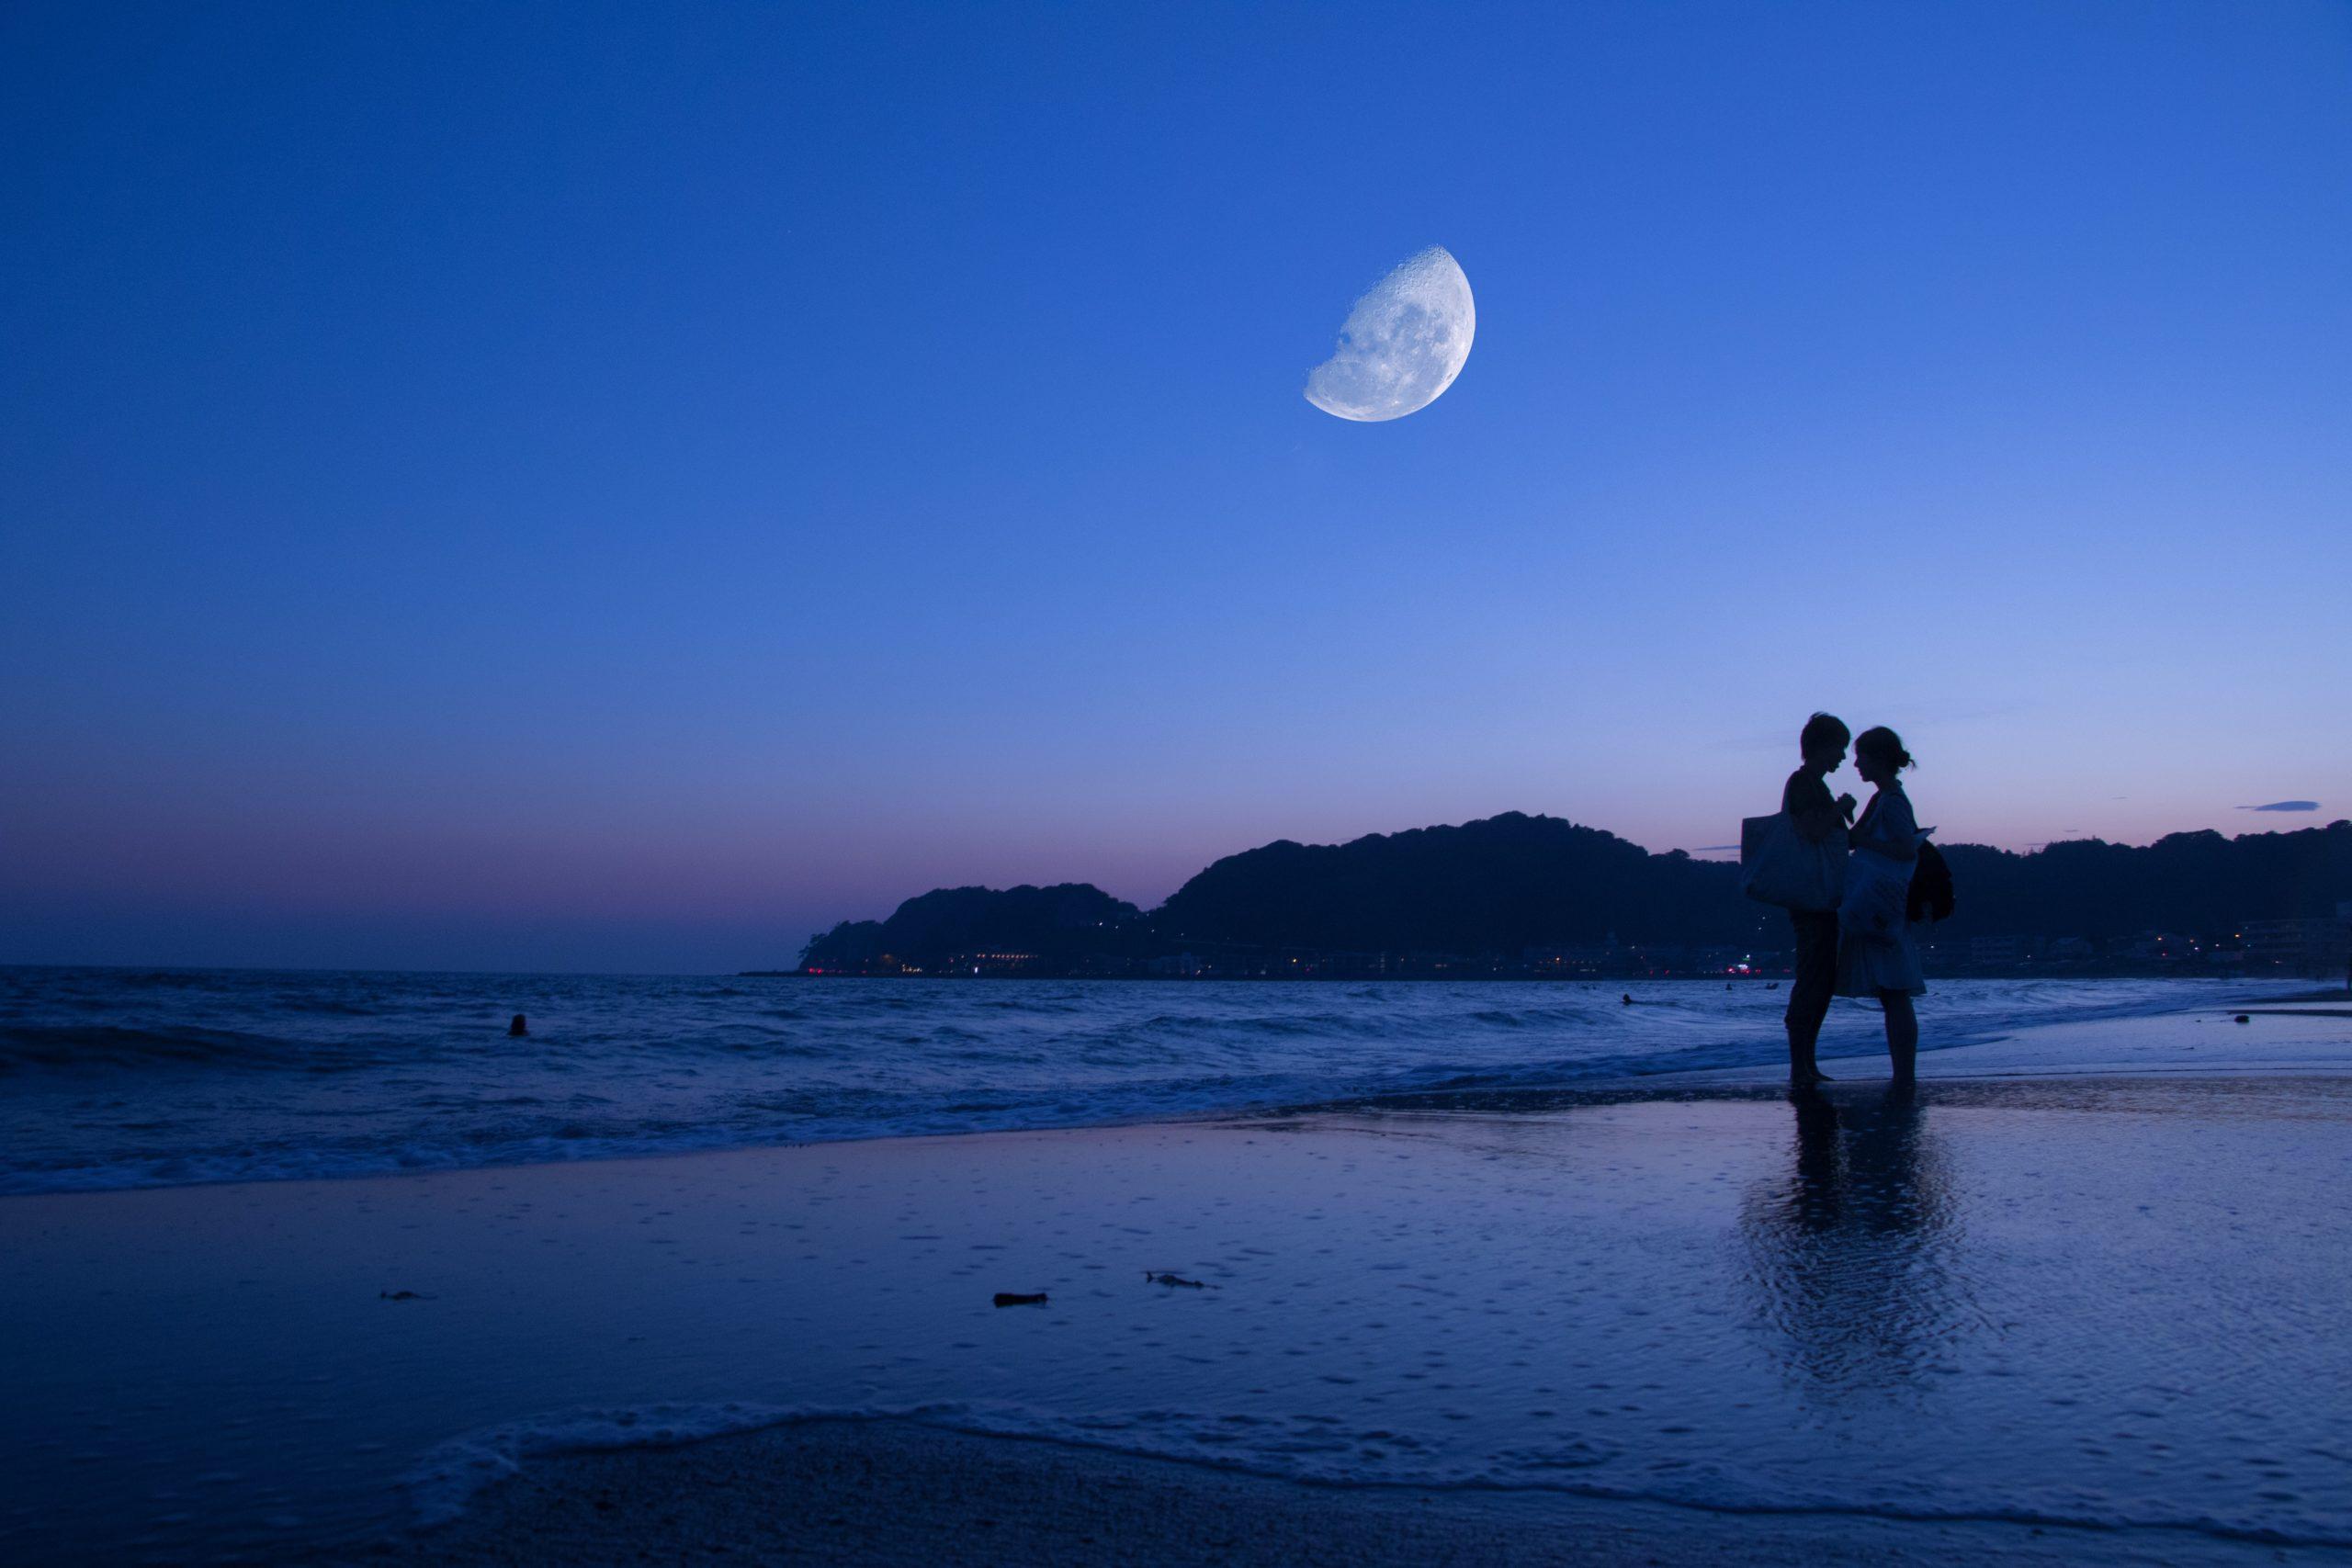 不倫で心は分散できる?不倫分散はどう?愛情分散で幸せになれる?